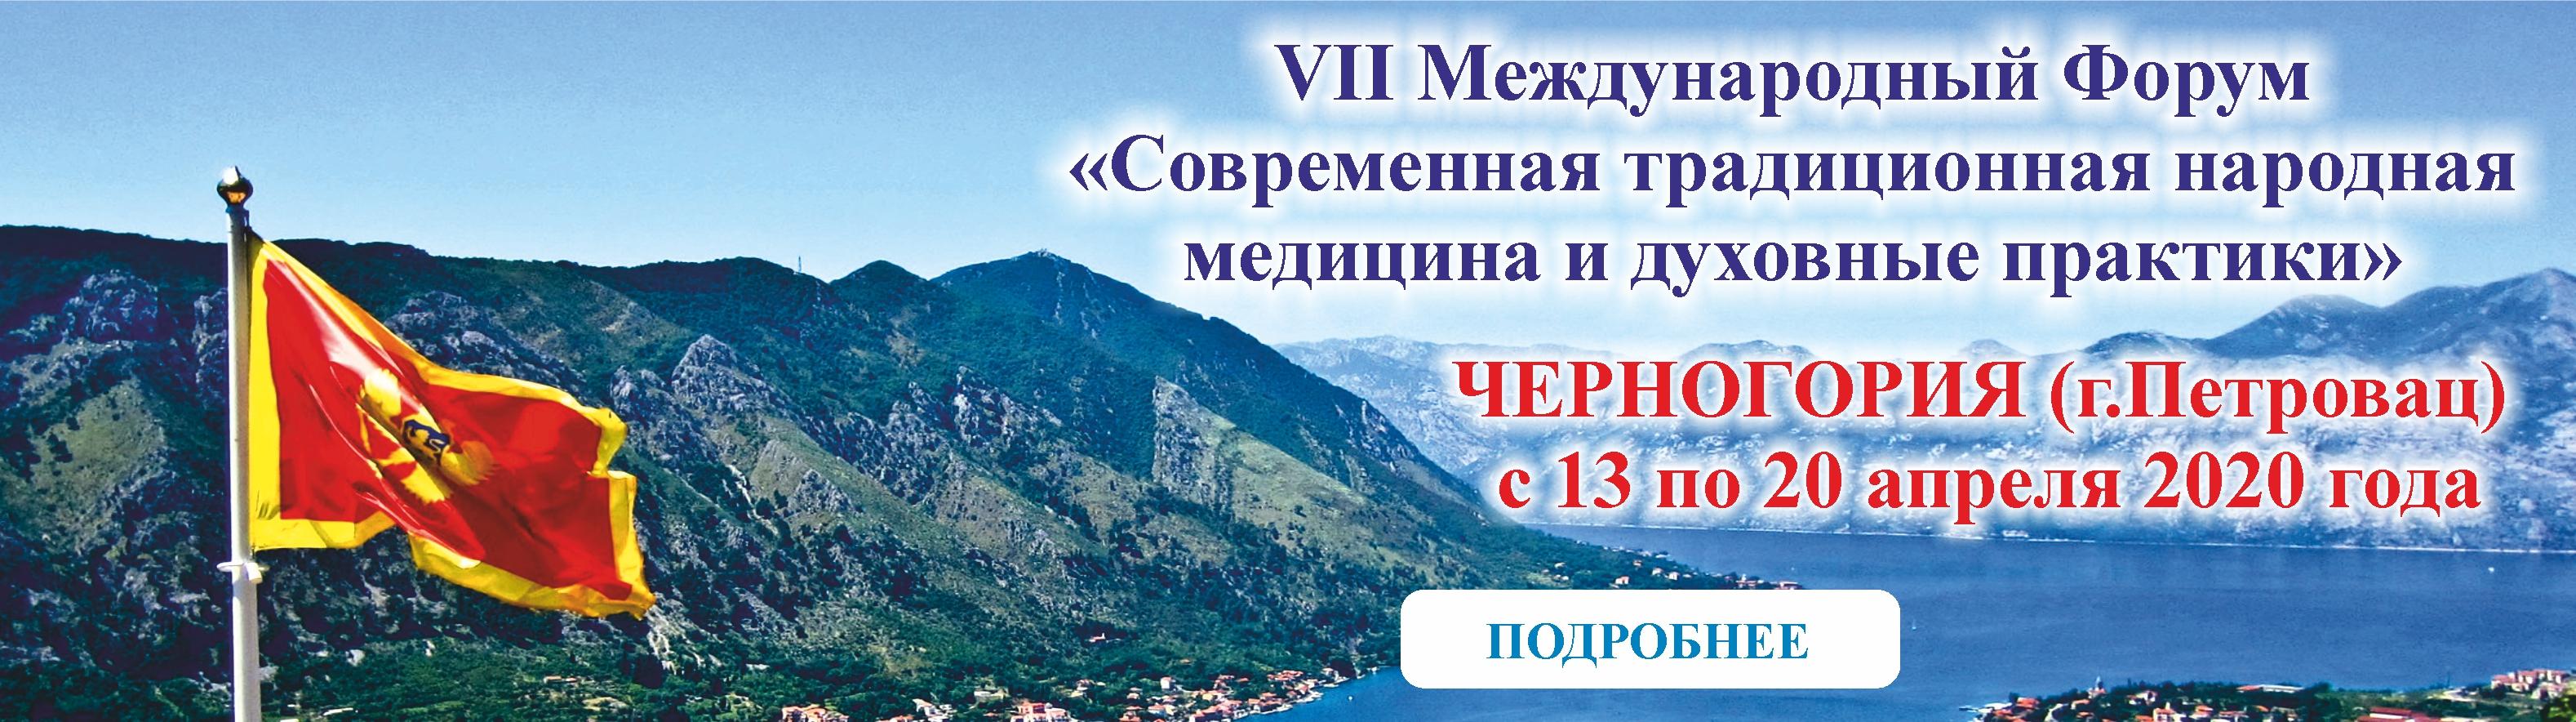 Сайта Черногория - Для Сайта Черногория